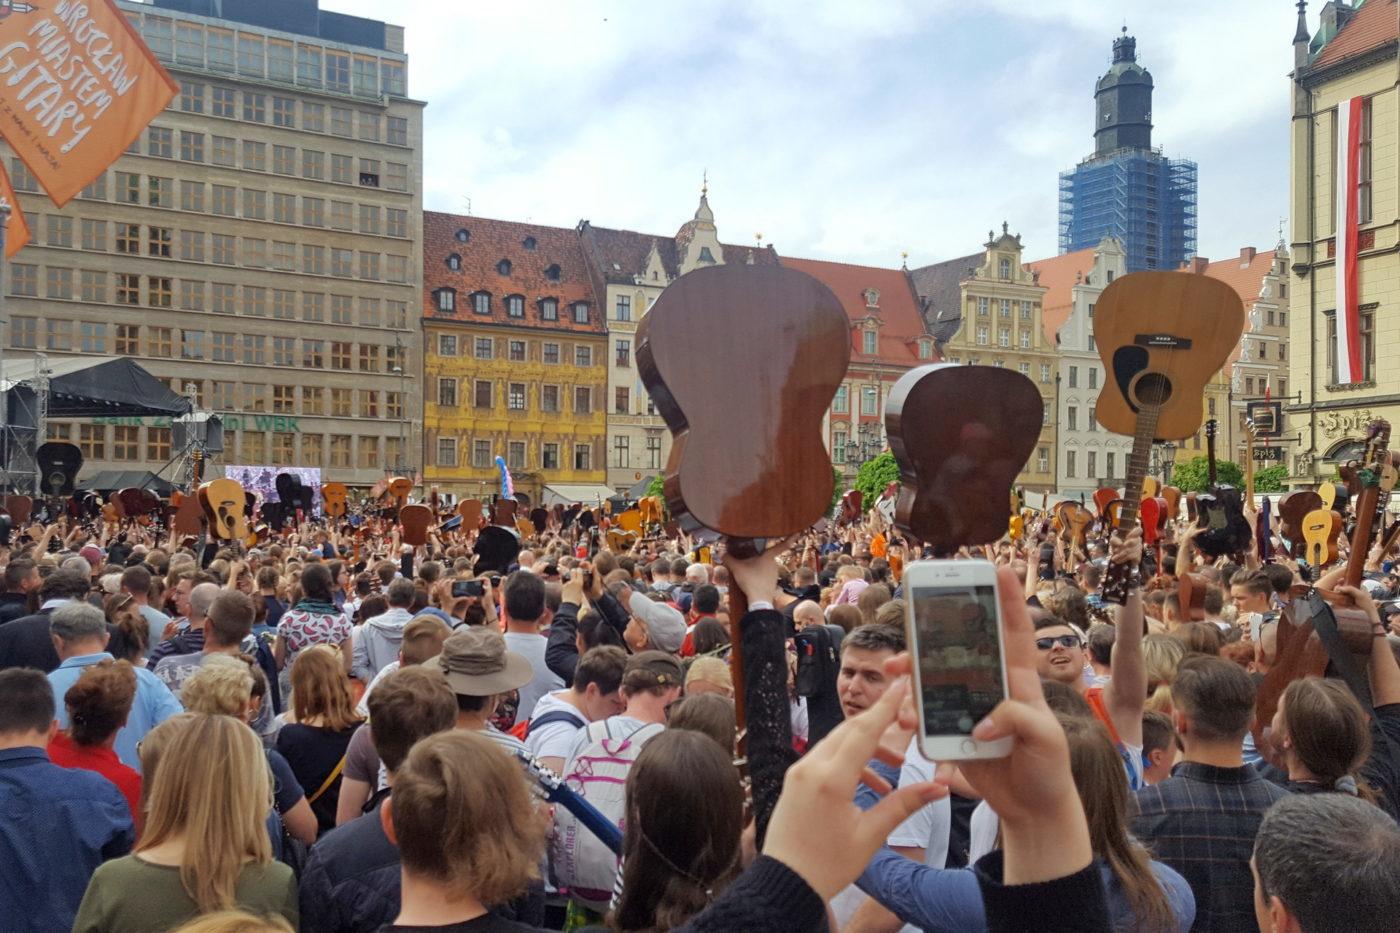 Rekordy Guinnessa w Polsce. Teliczby zaskakują! (Top9)